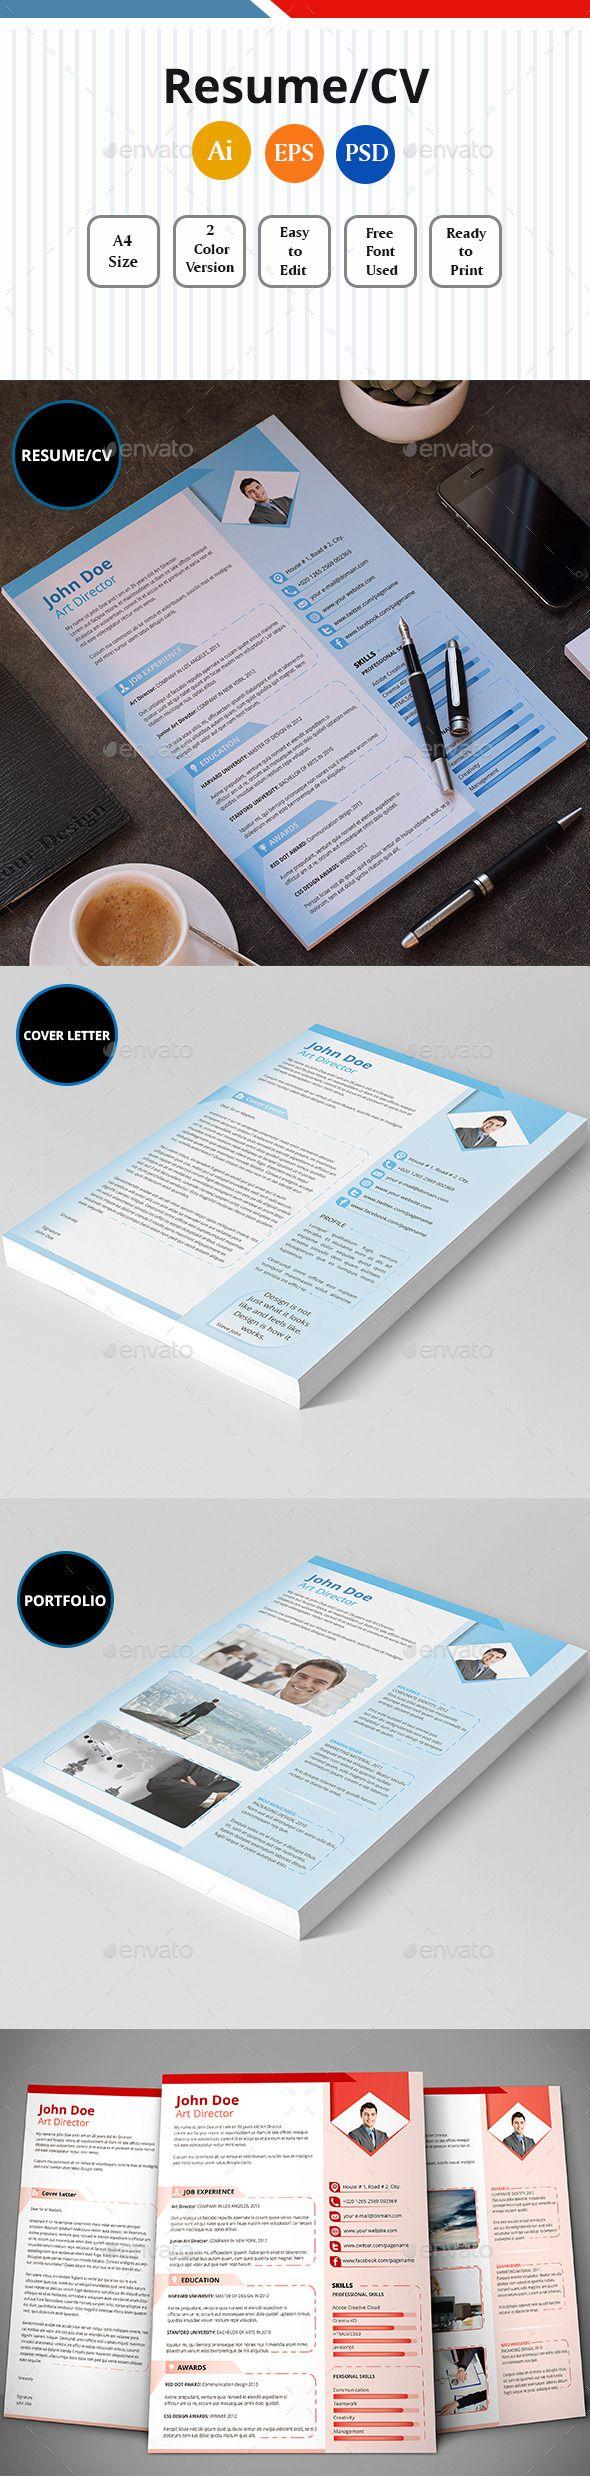 ResumeCV ResumeCV Resume cv Font logo